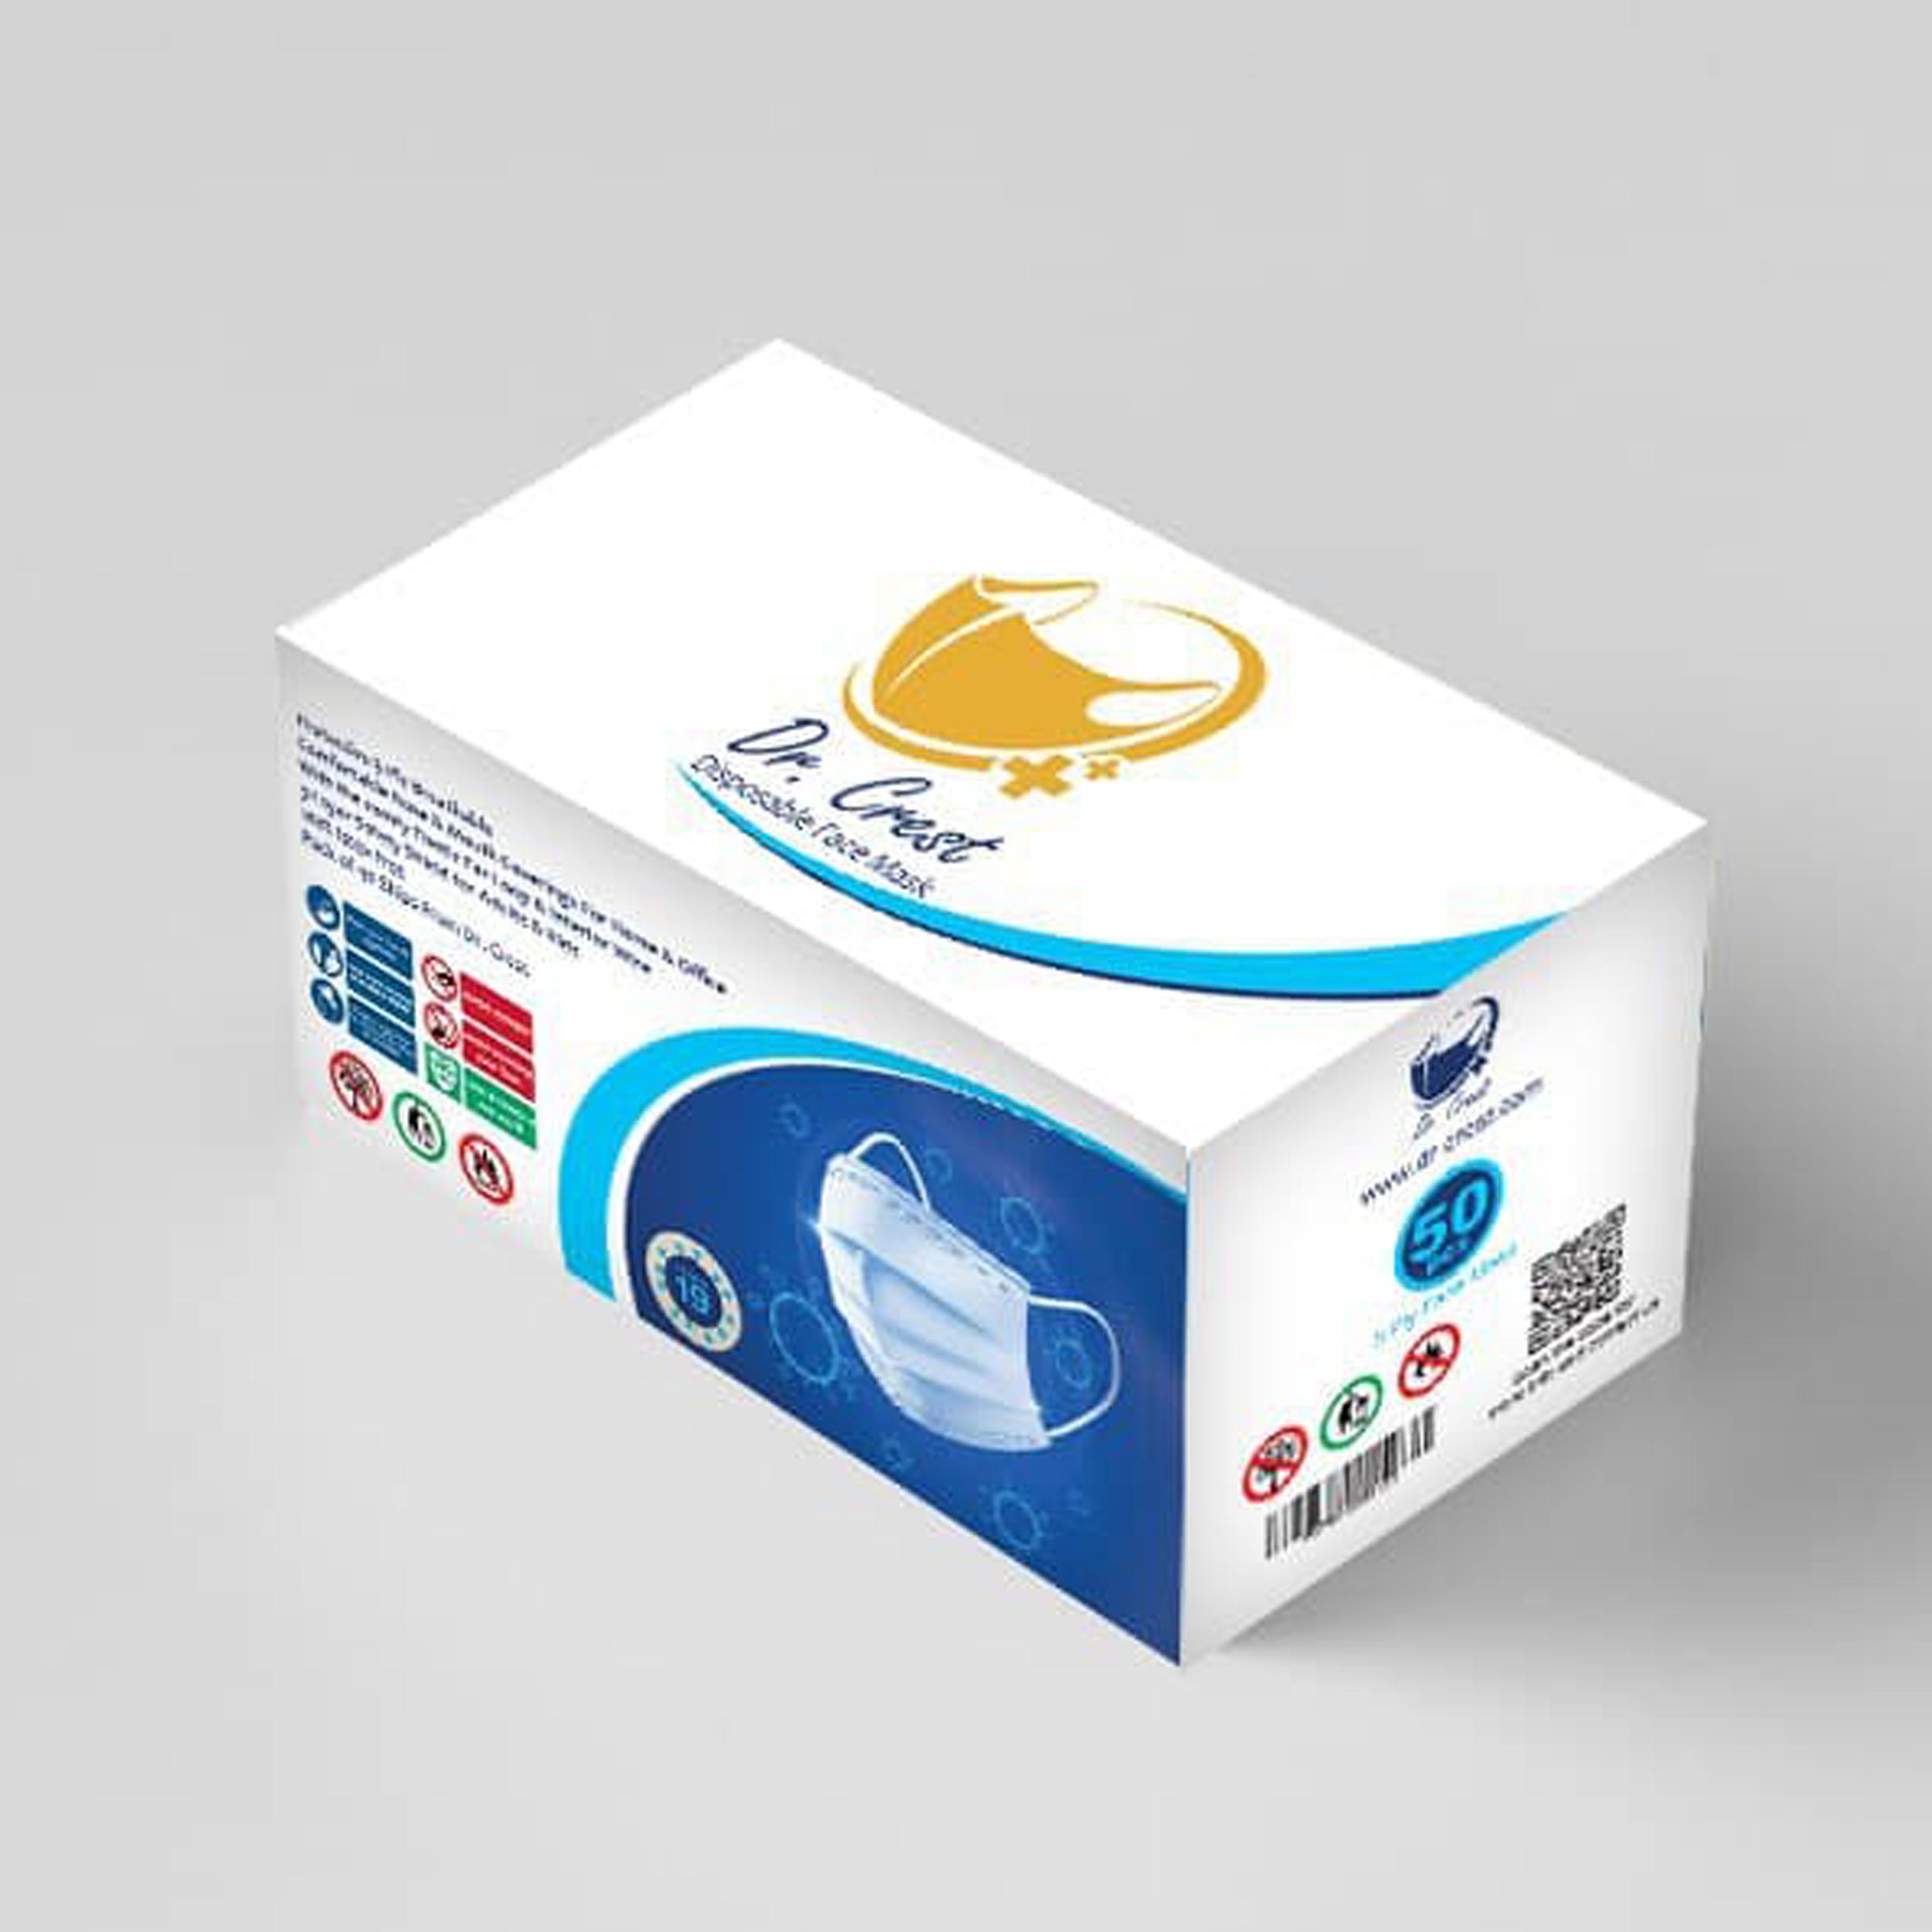 ماسک تنفسی سه لایه دکتر کرست مدل Dr-C50 بسته 50 عددی